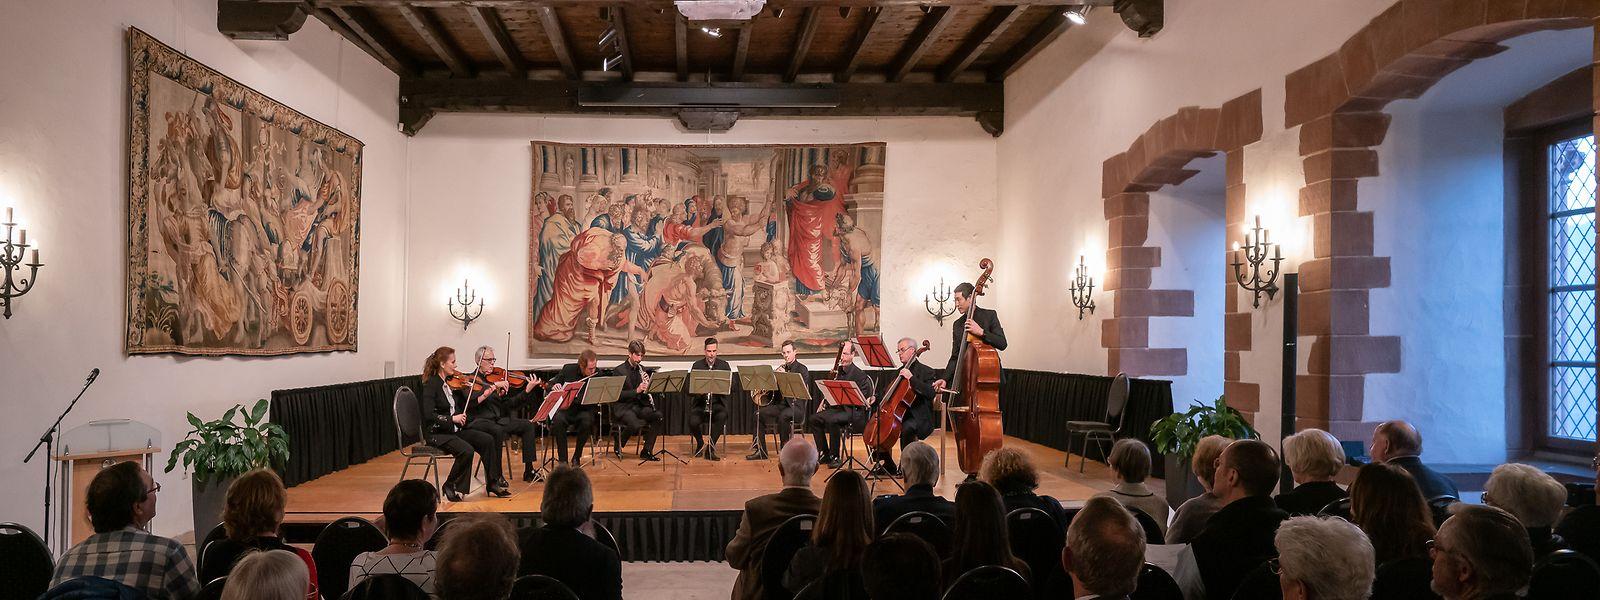 """Für die Konzerte der neuen """"MusicDays Vianden"""" wird unter anderem der Vic Abens-Saal im Schloss genutzt."""